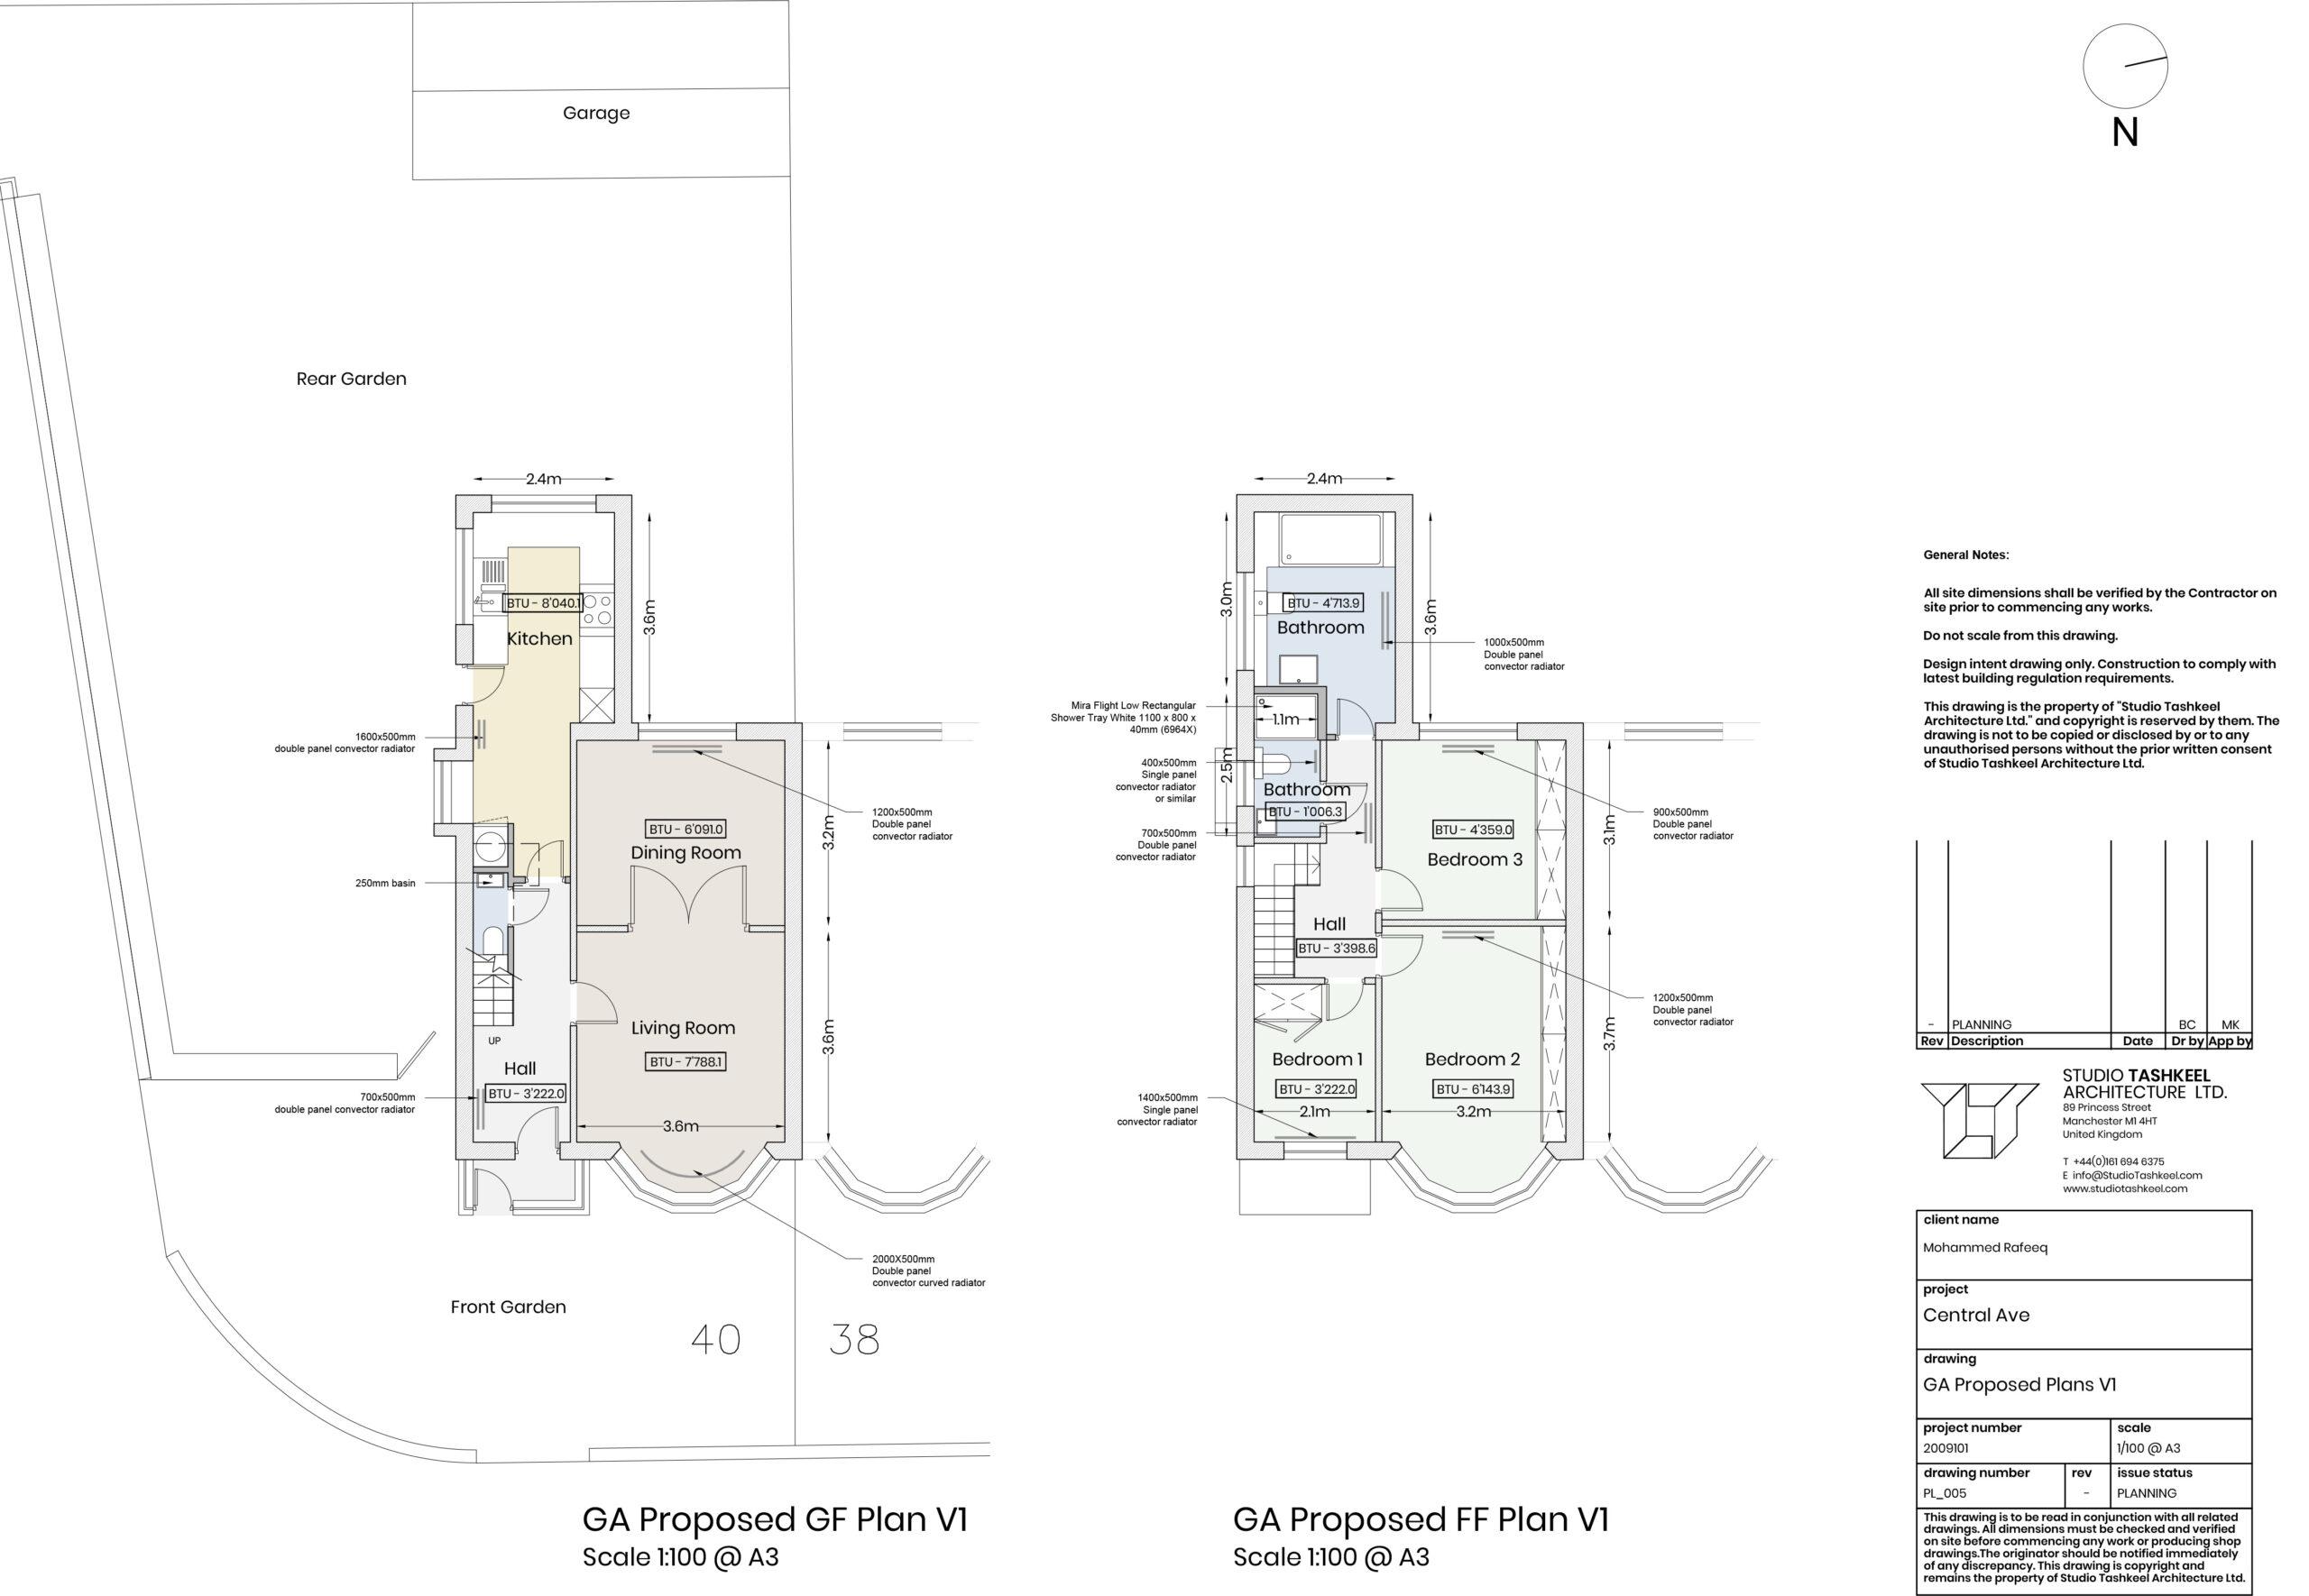 PL005 – GA Proposed Plans V1